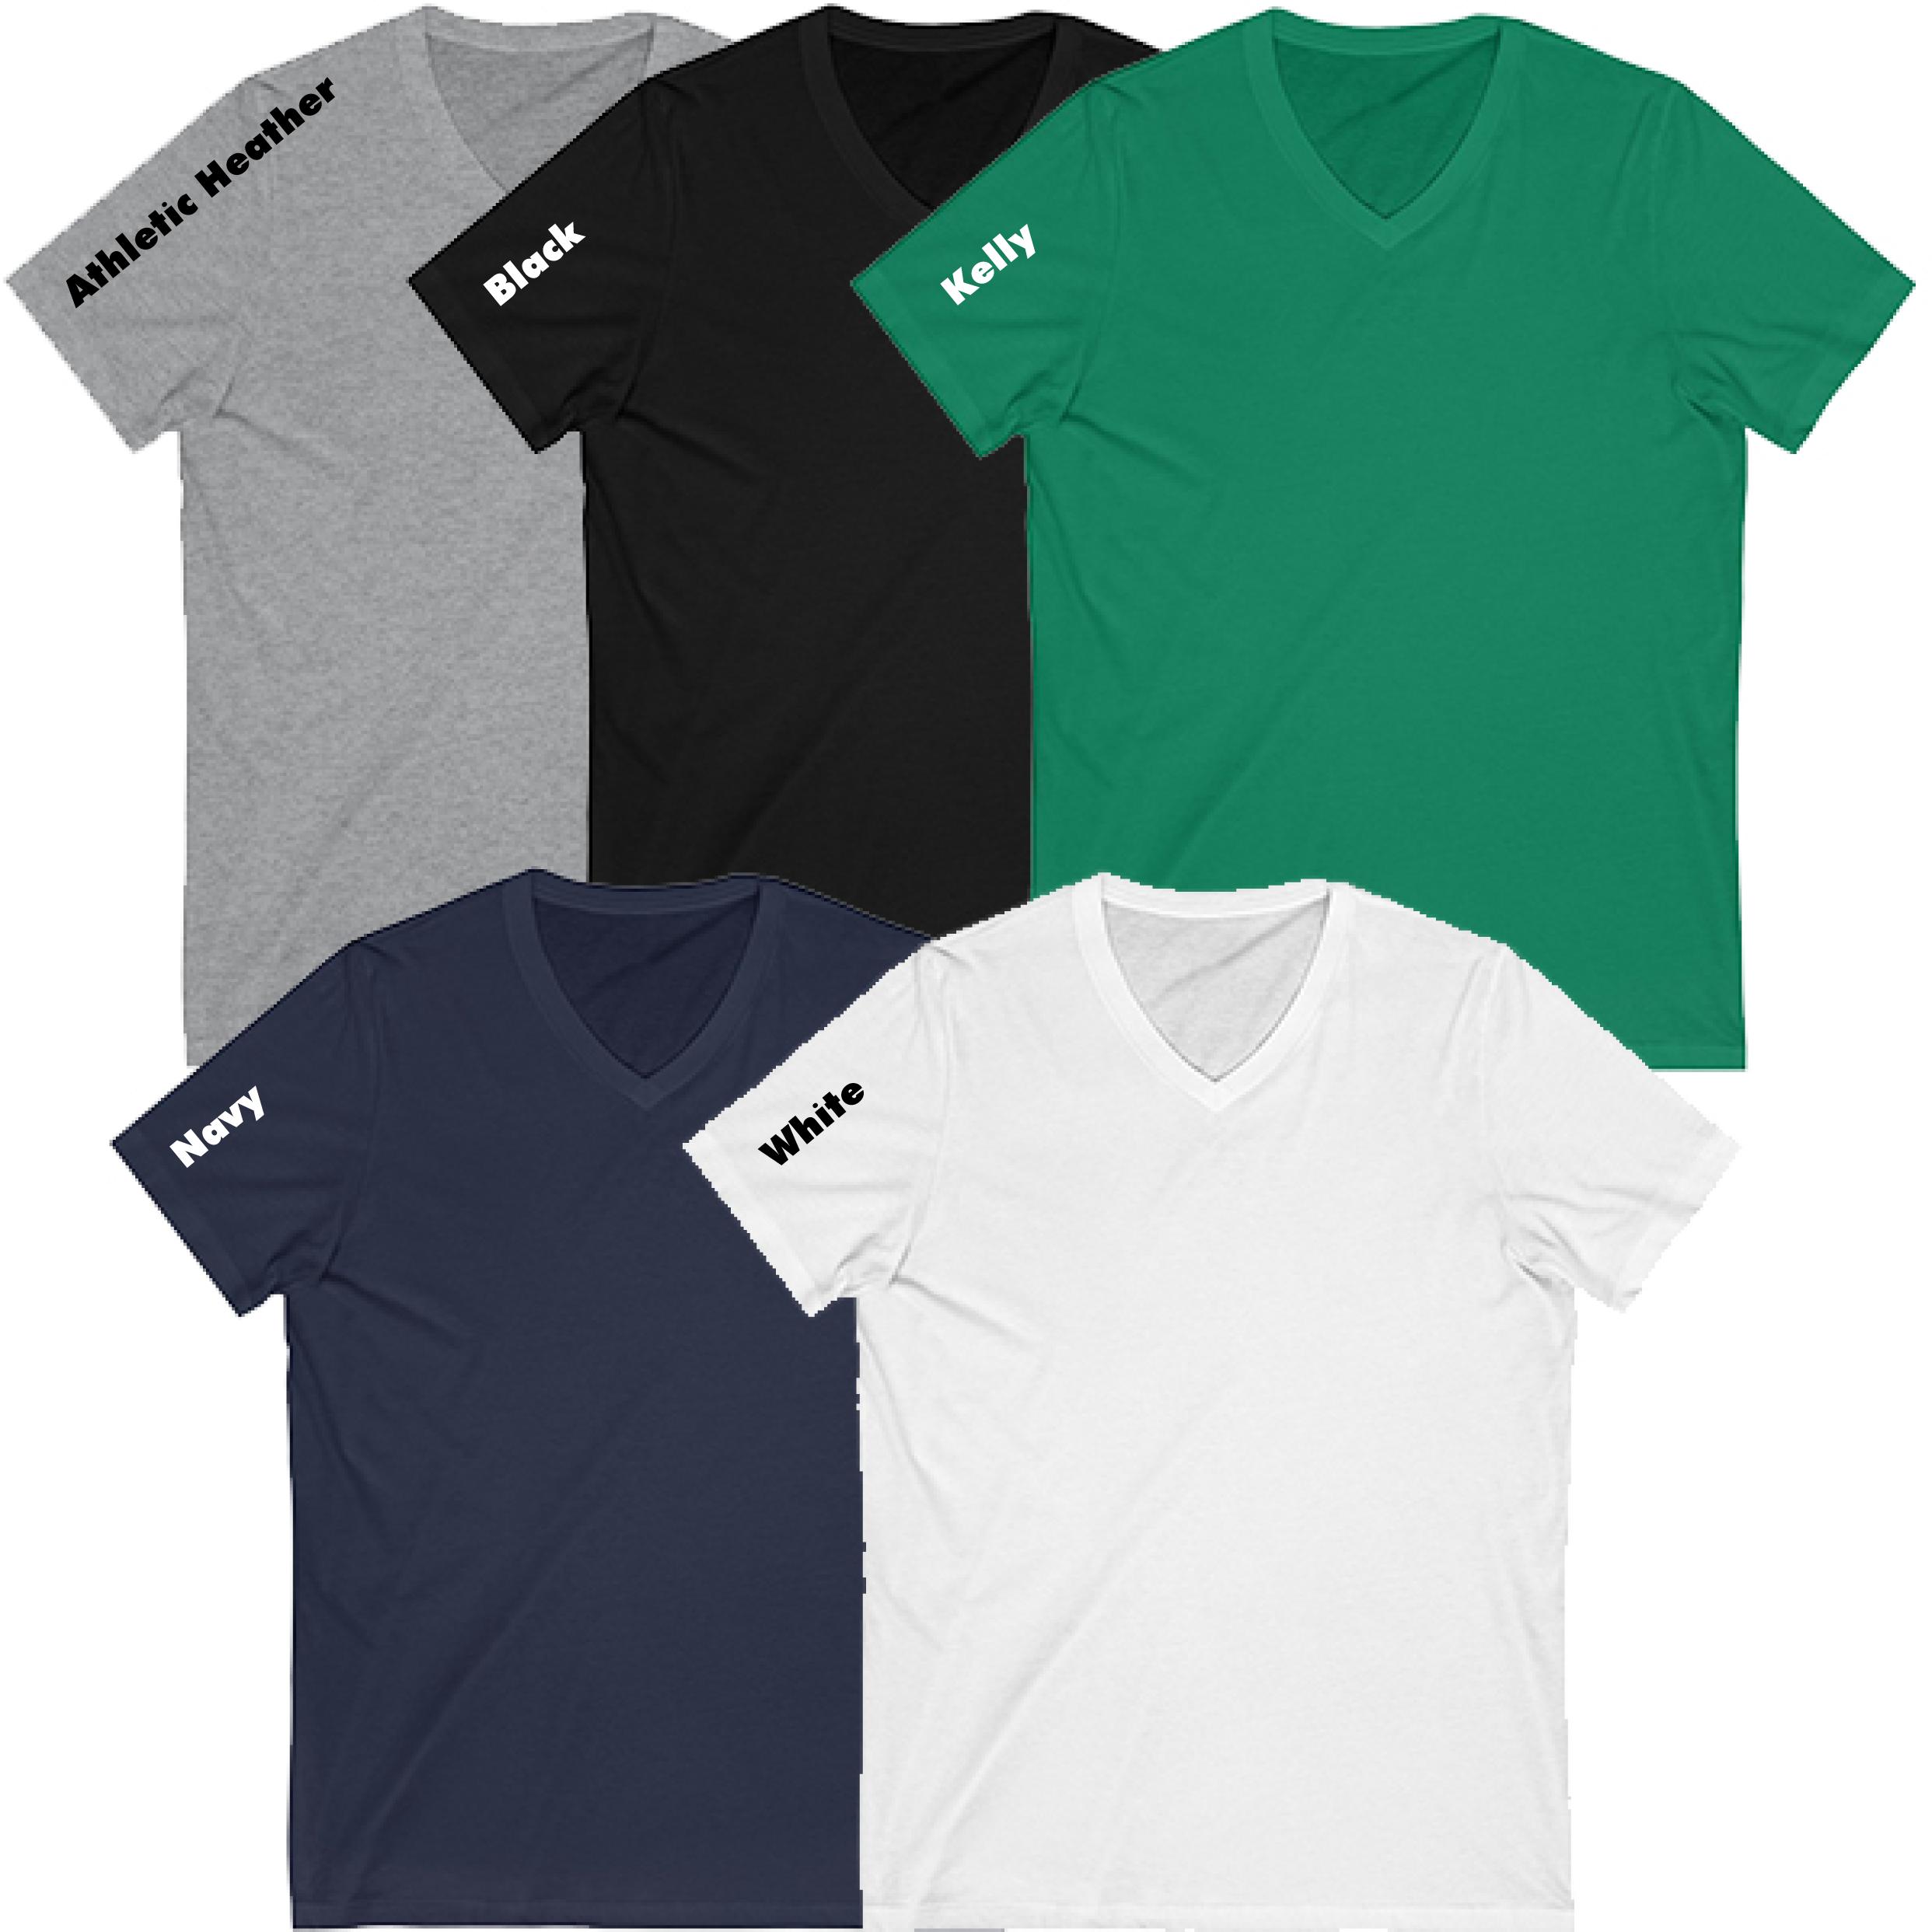 Gilden Shirt Colors